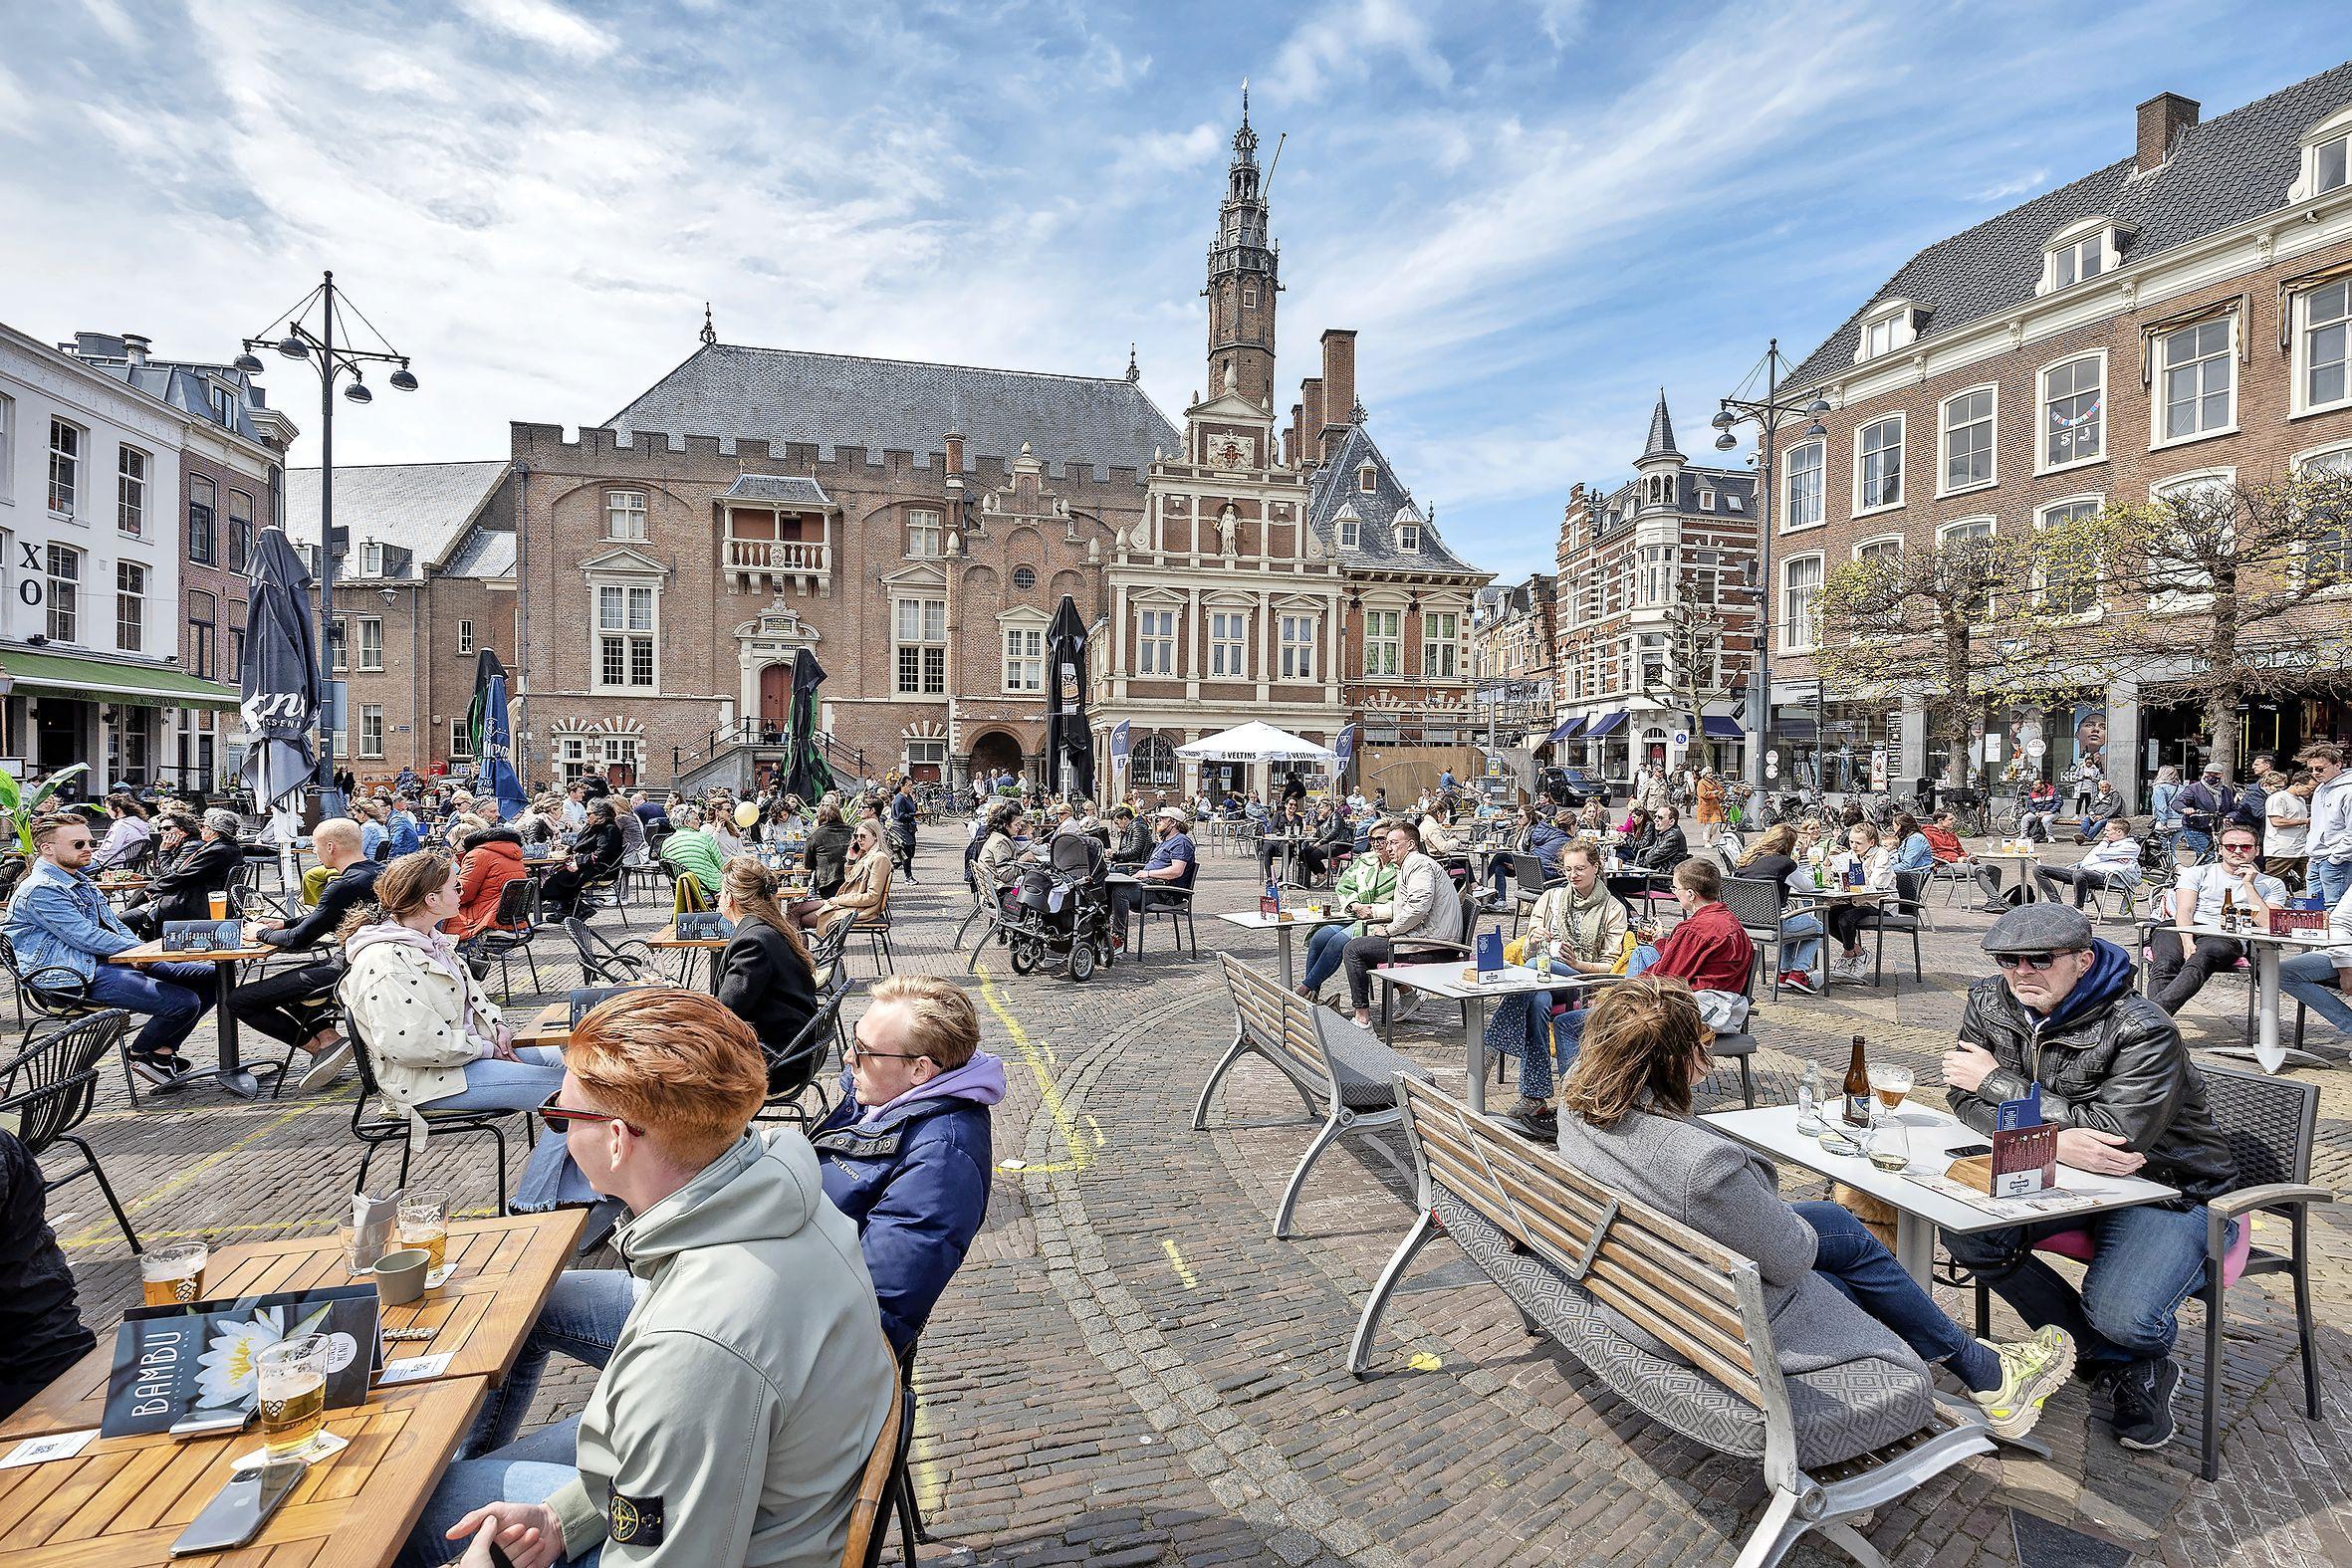 Haarlem versjacherde in 1799 haar stadhuis; de laatmiddeleeuwse gravenportretten waren toen al op zolder gegooid en vergeten   Uit de Tijd